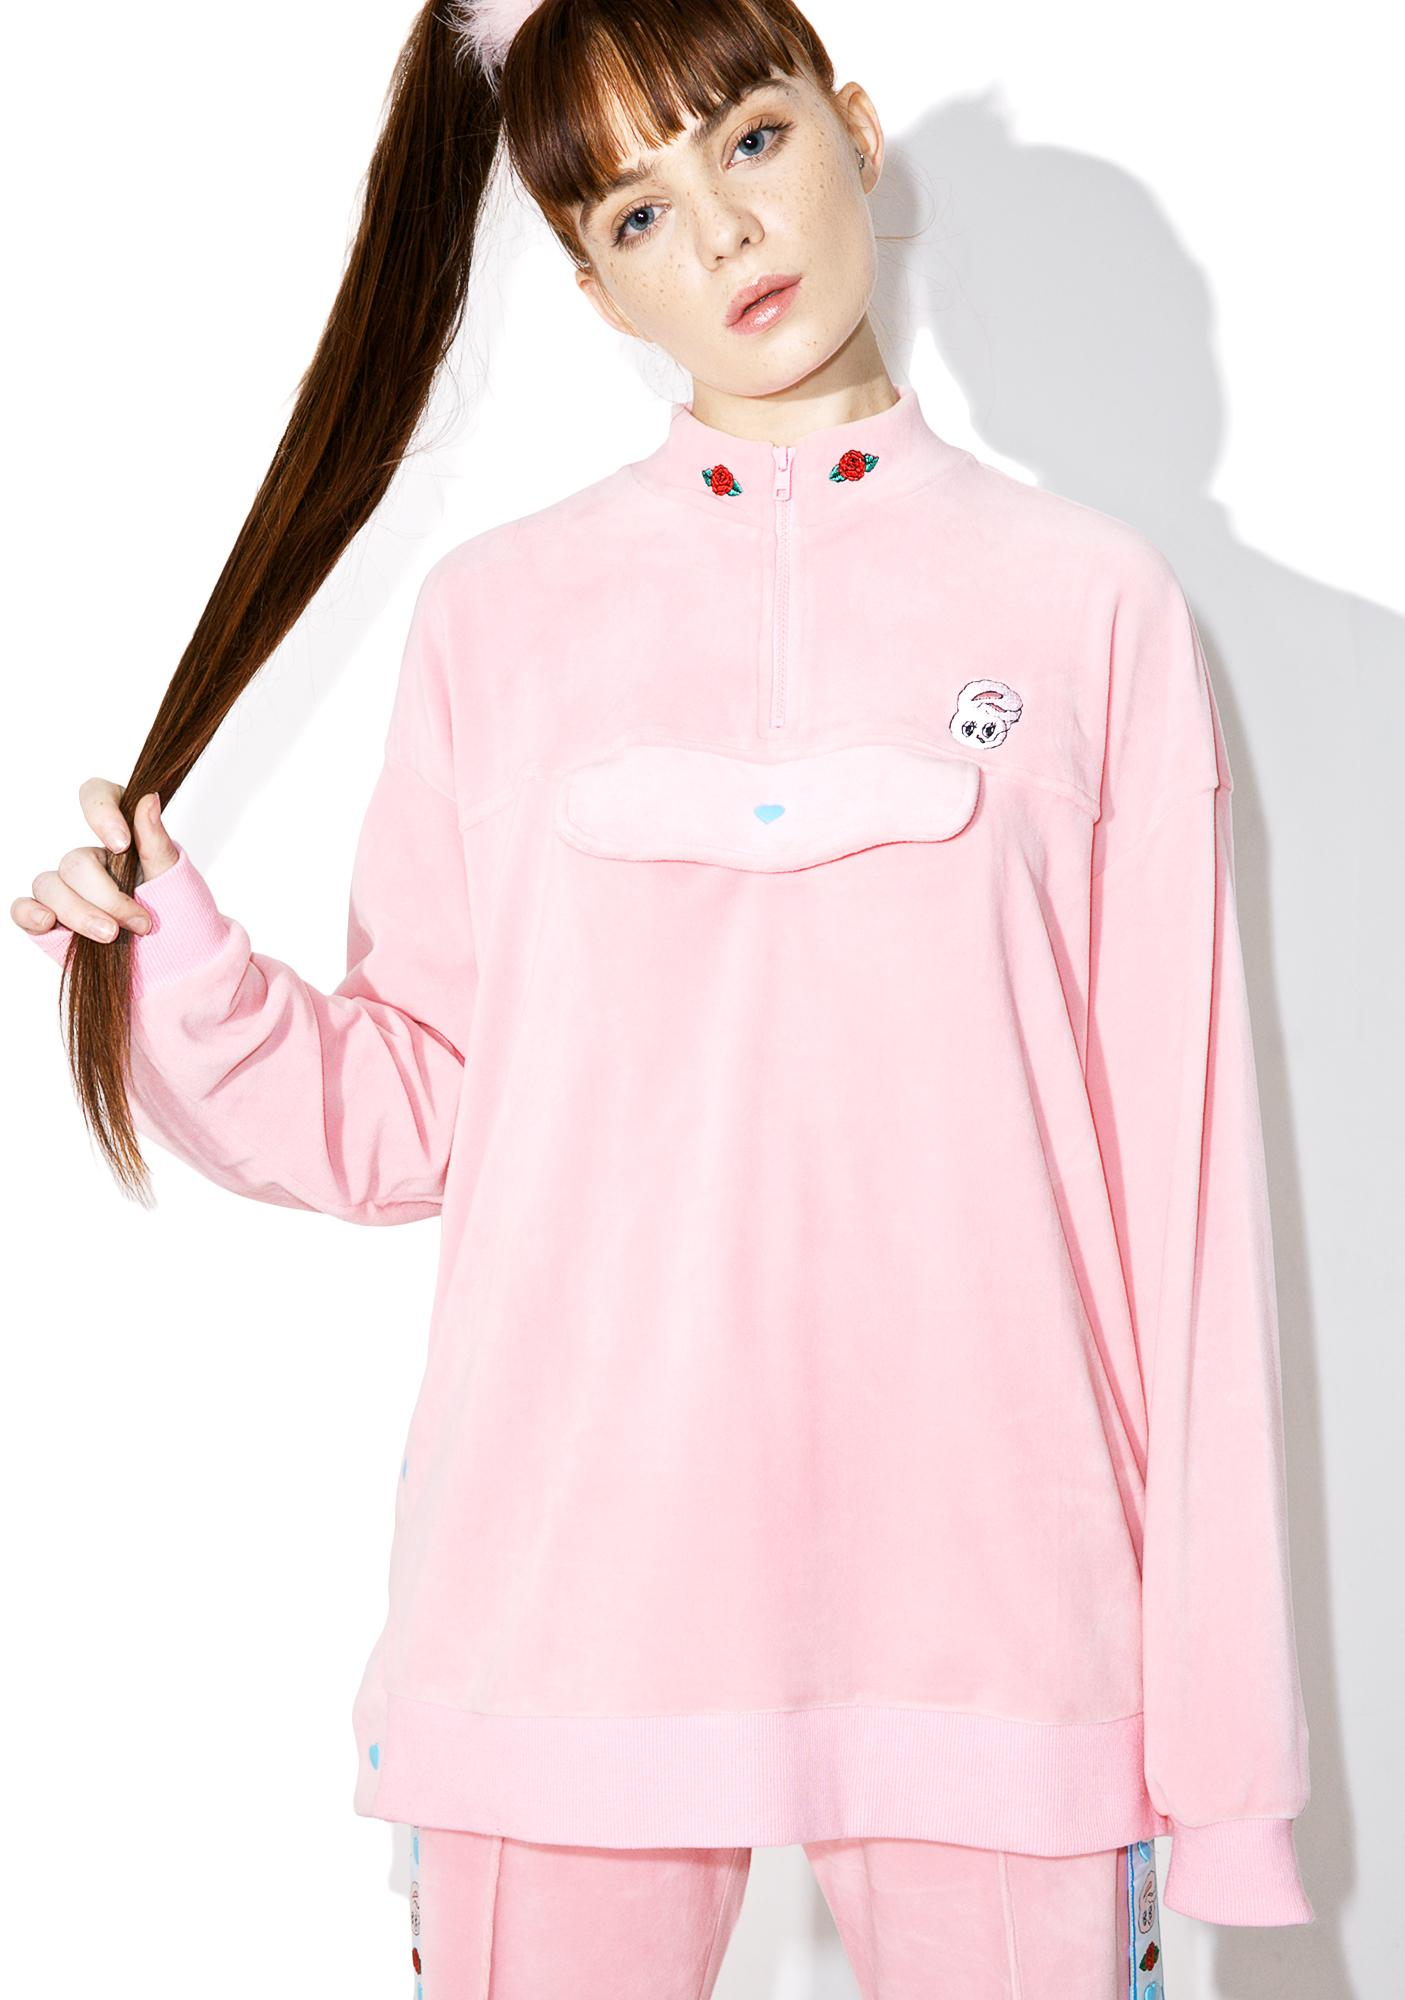 Lazy Oaf Esther Loves Oaf Heart Popper Sweatshirt